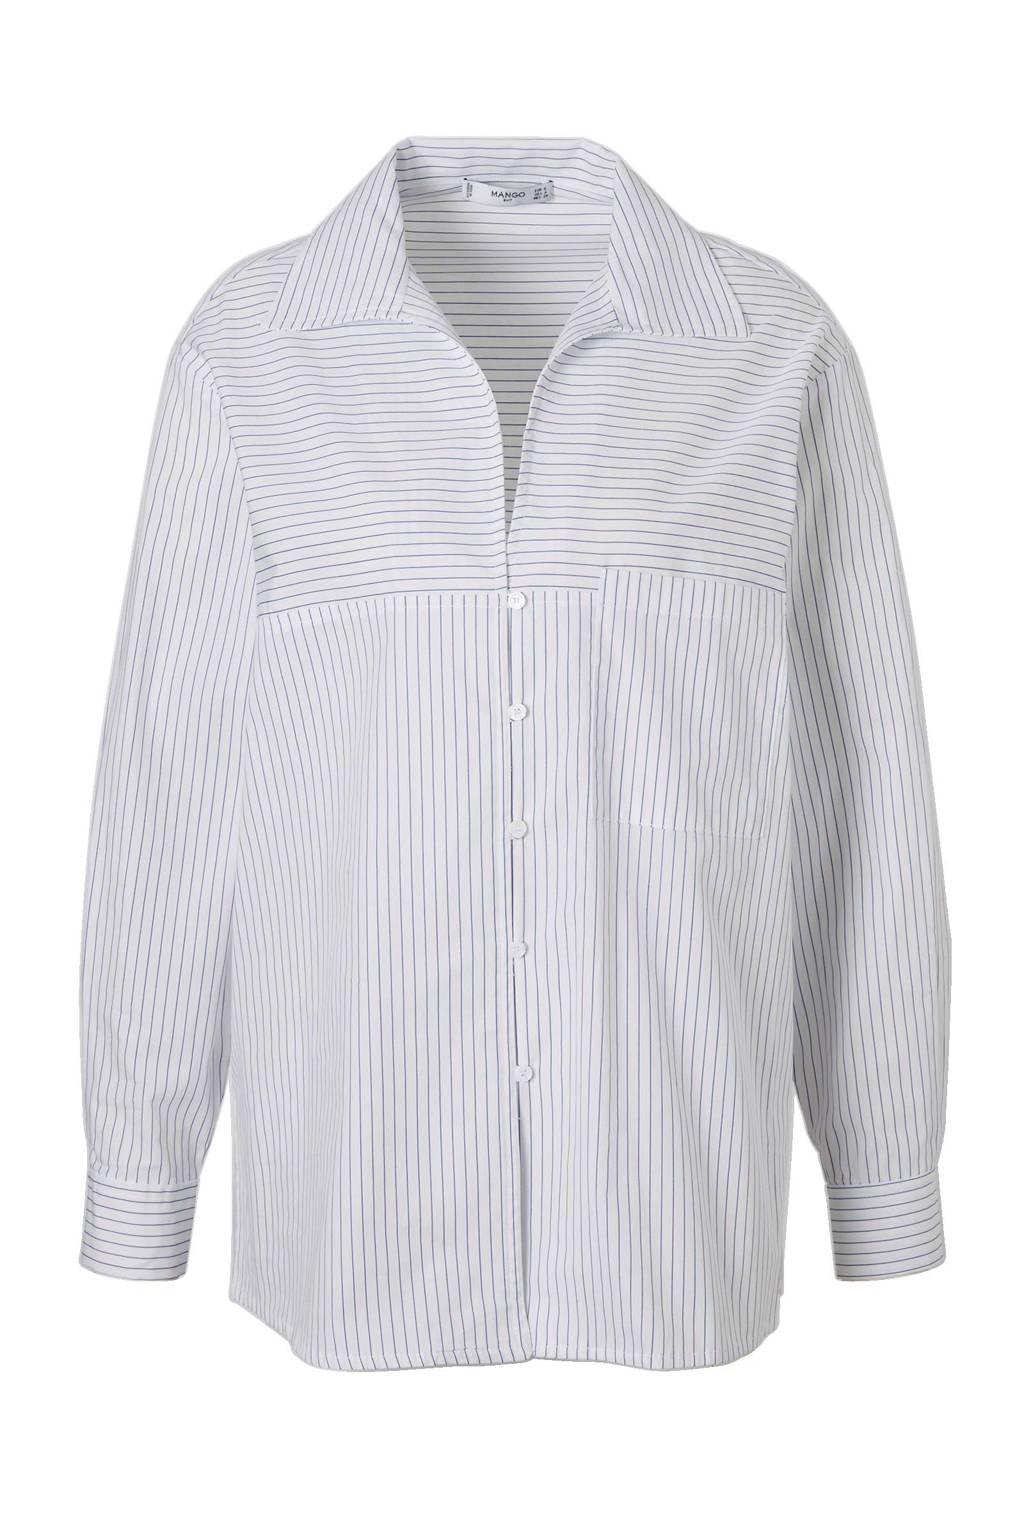 Mango gestreepte blouse, Wit/lichtblauw